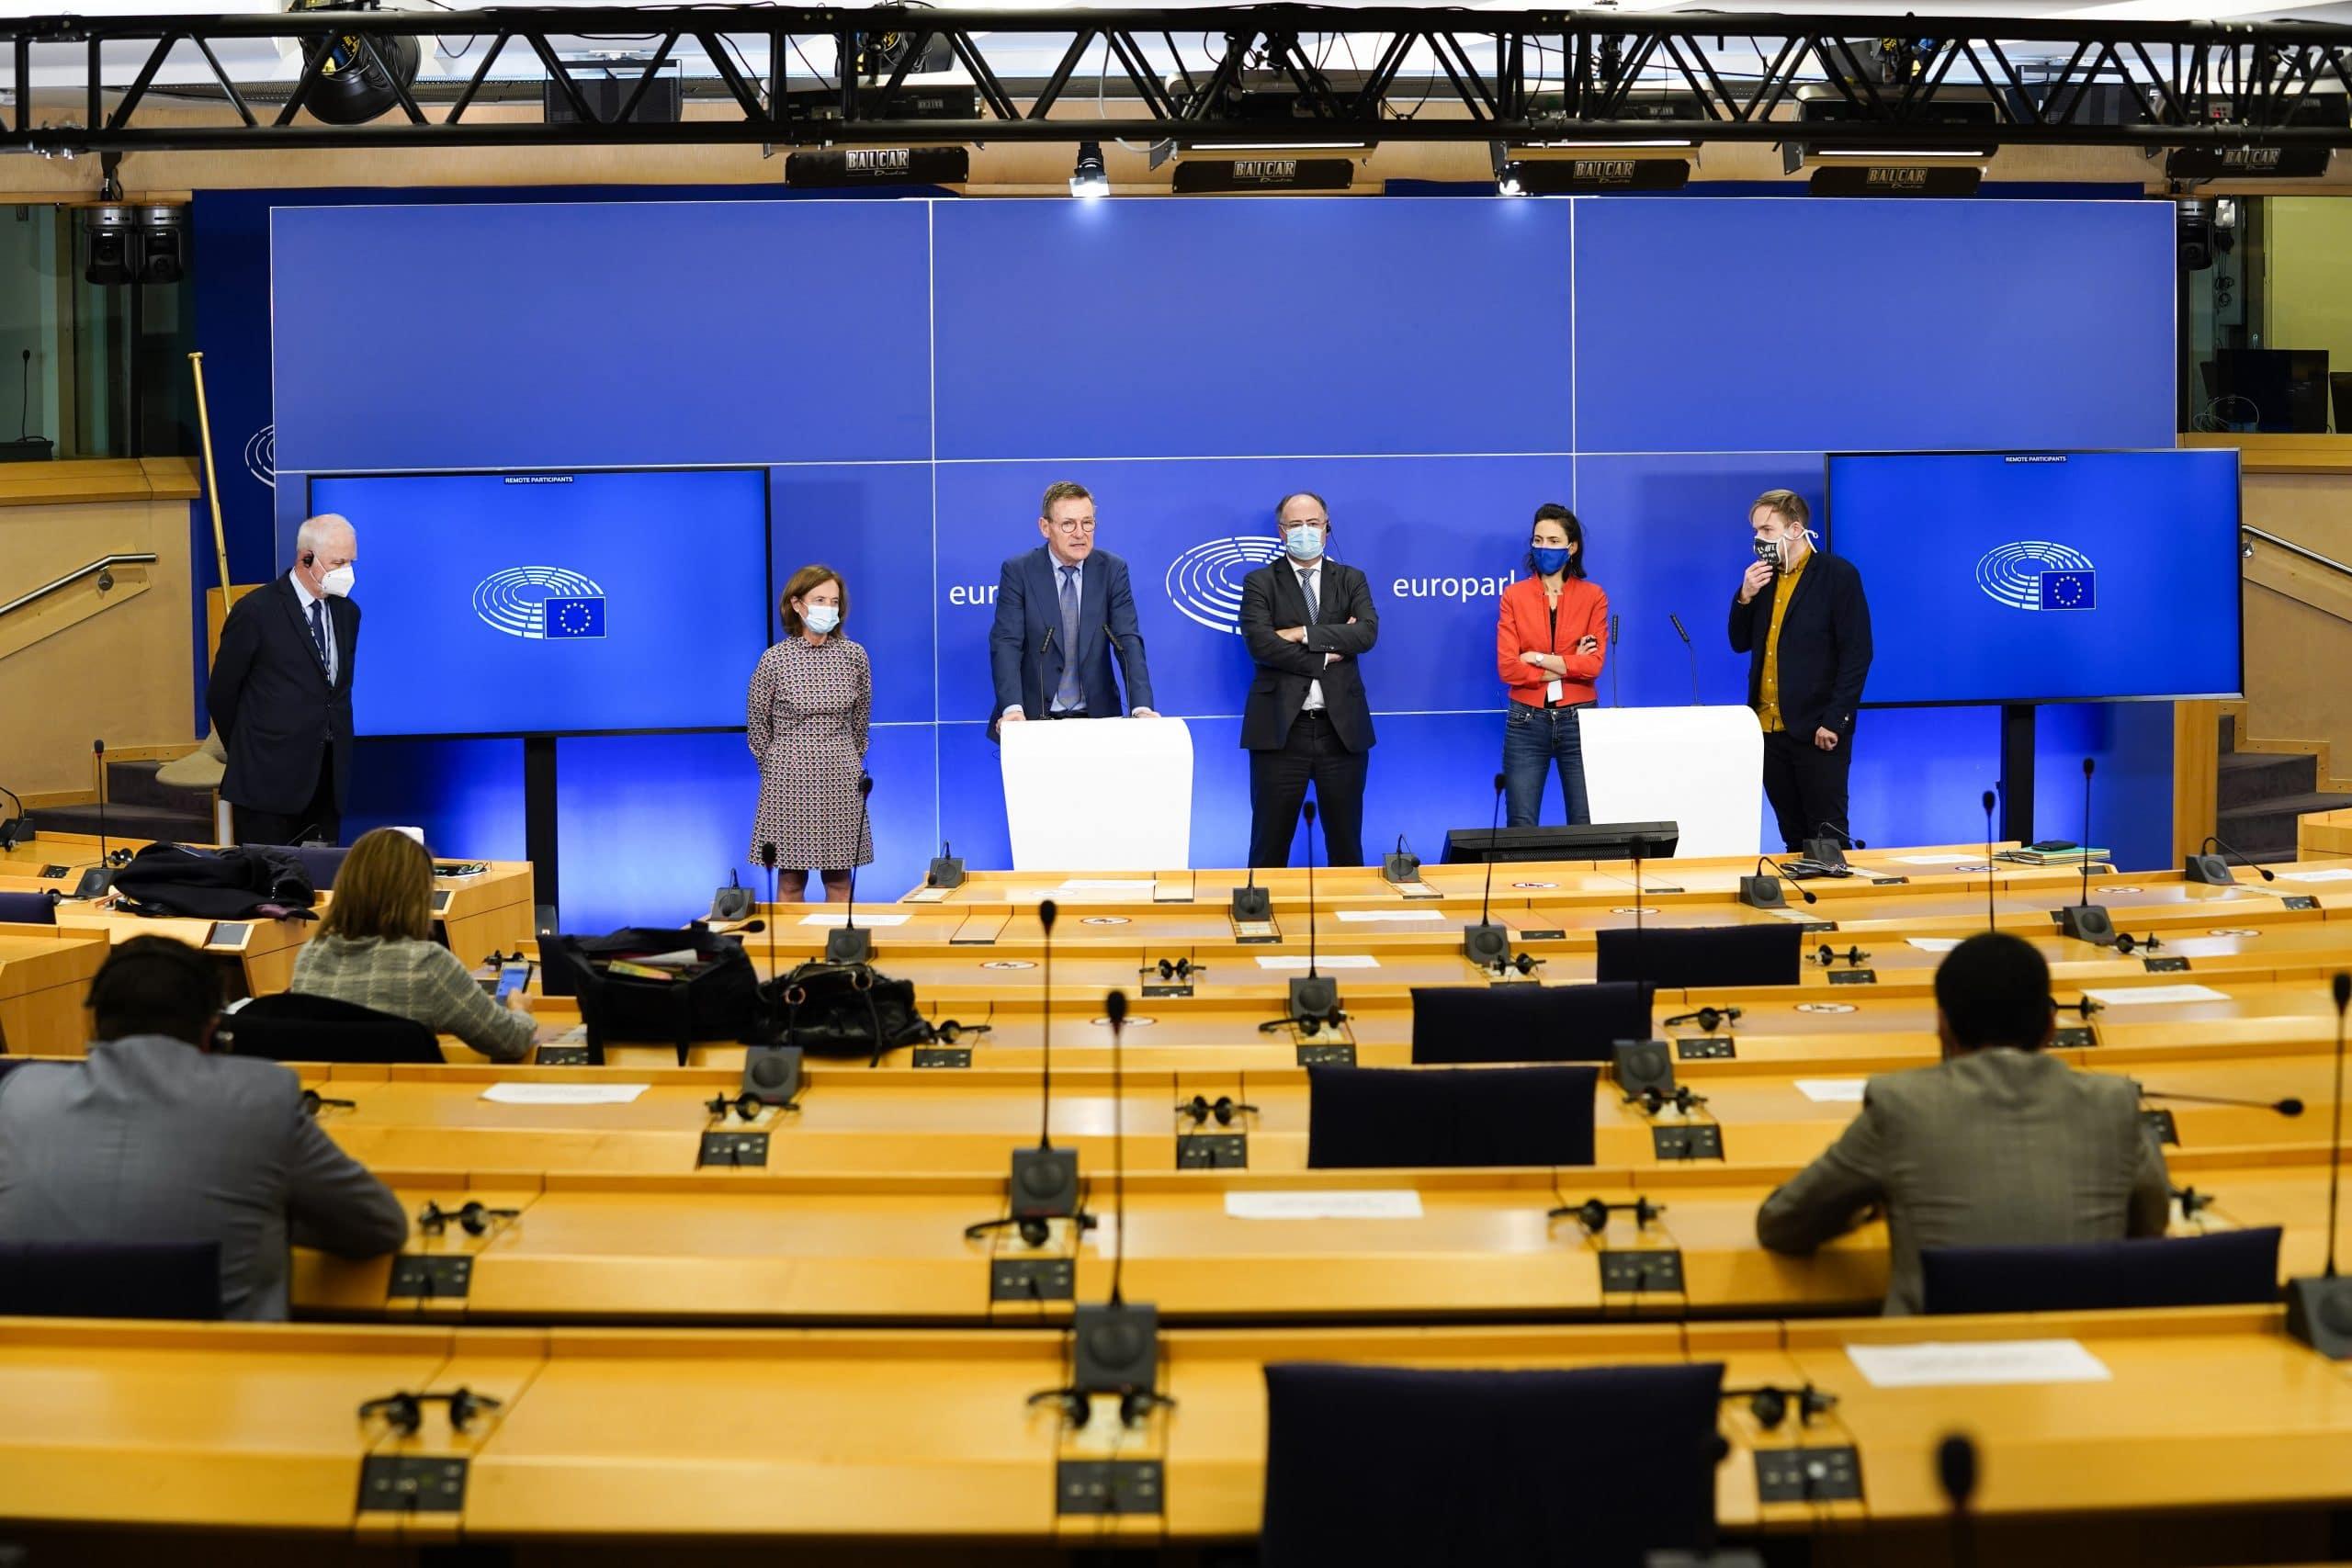 L'équipe de négociation du Parlement européen annonce qu'un accord a été trouvé avec ses homologues de la présidence allemande du Conseil lors d'une conférence de presse le 10 novembre 2020 - Crédits : Daina Le Lardic / Parlement européen